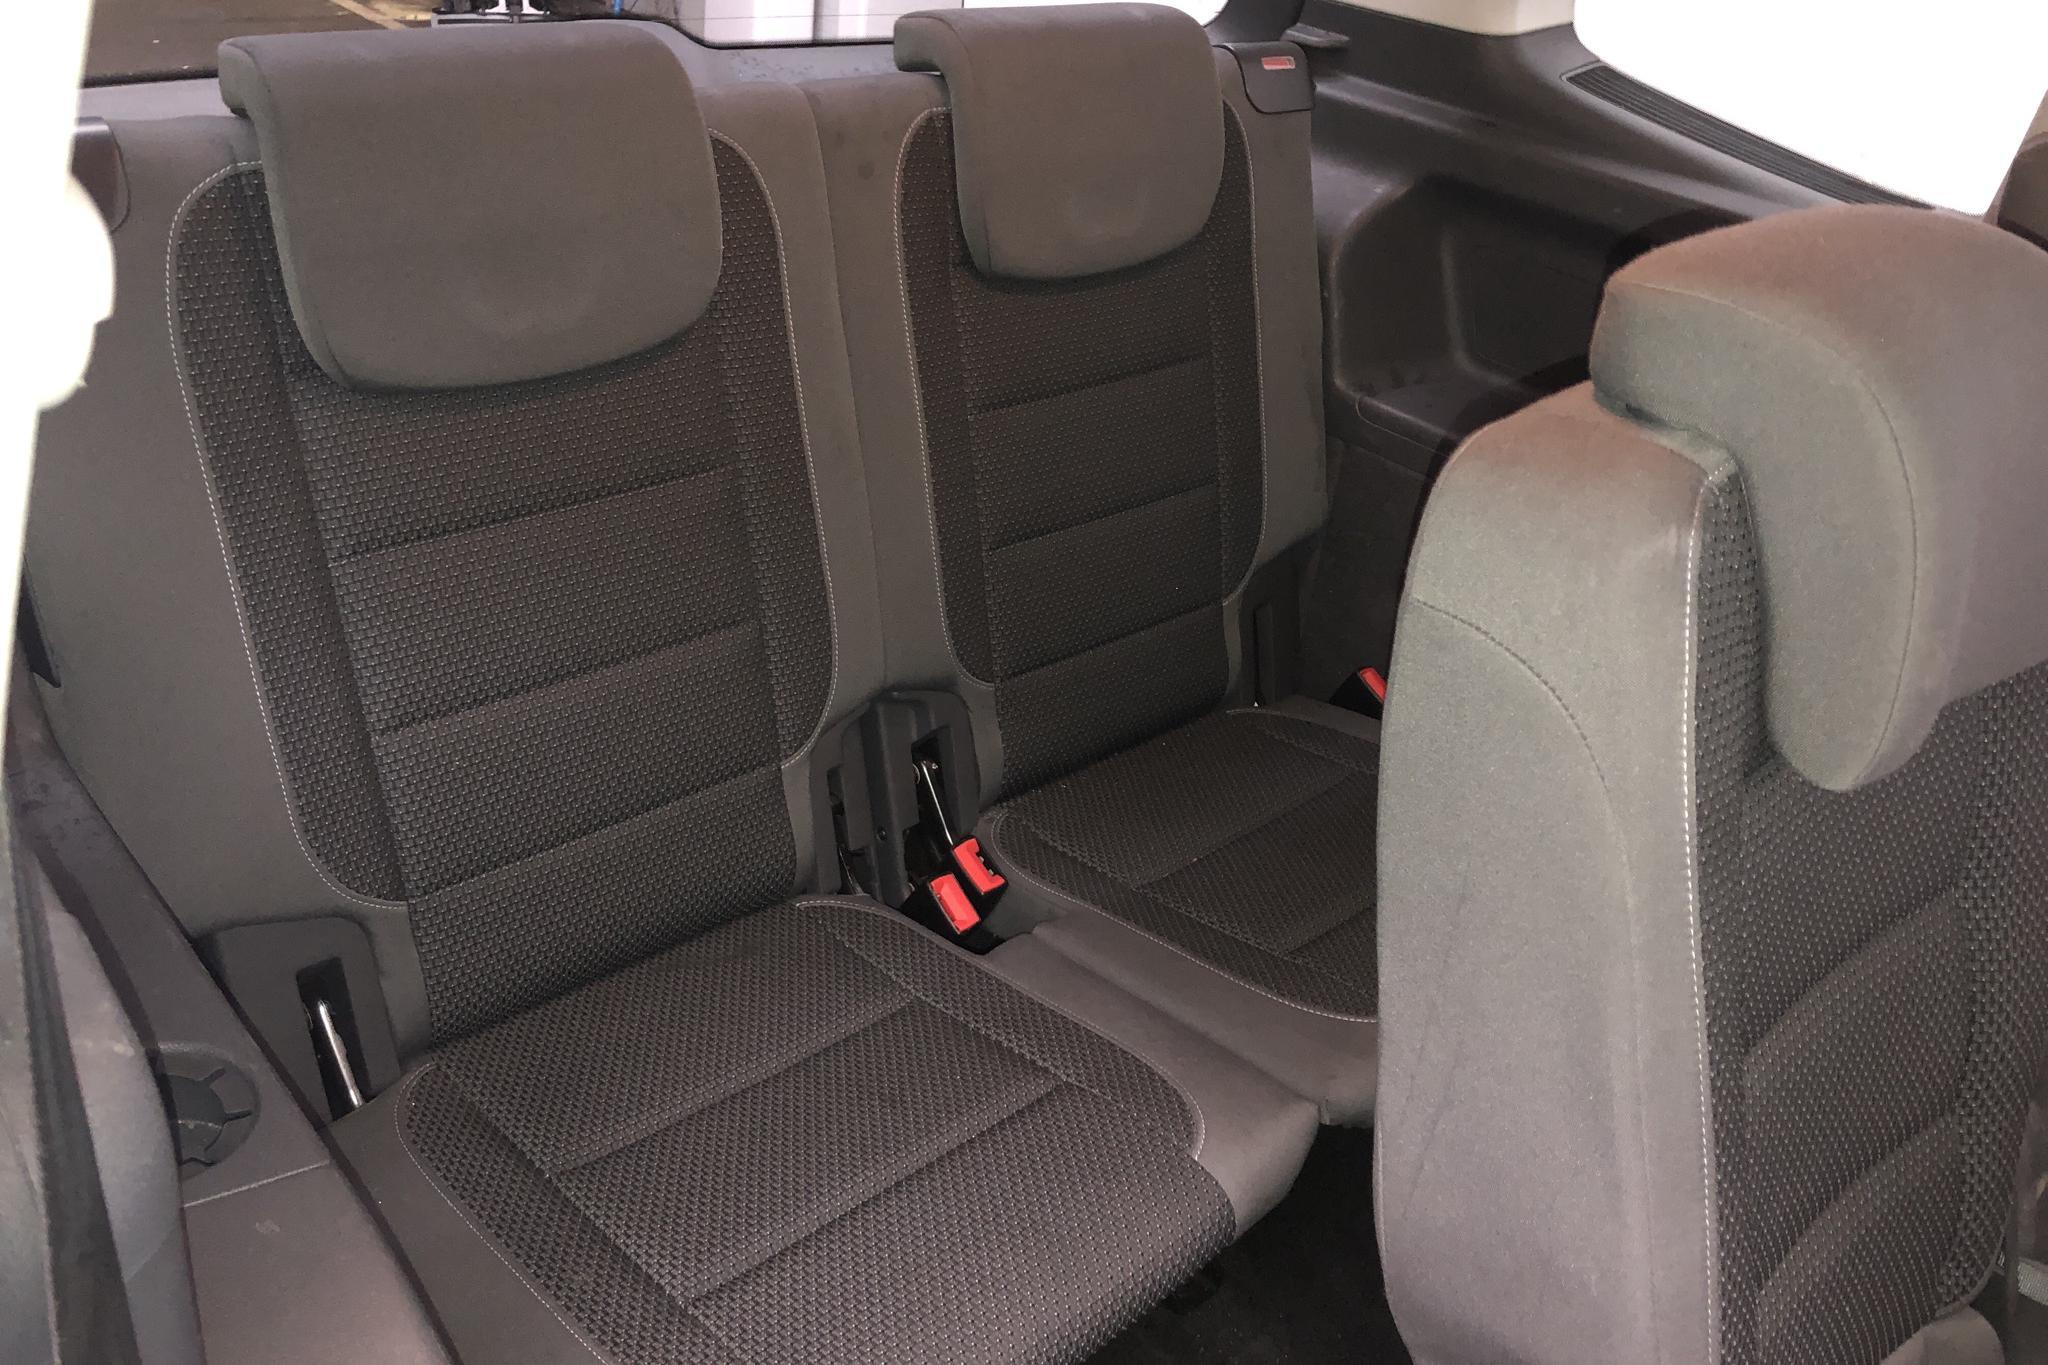 VW Touran 1.4 TSI (140hk) - 141 140 km - Manual - white - 2014